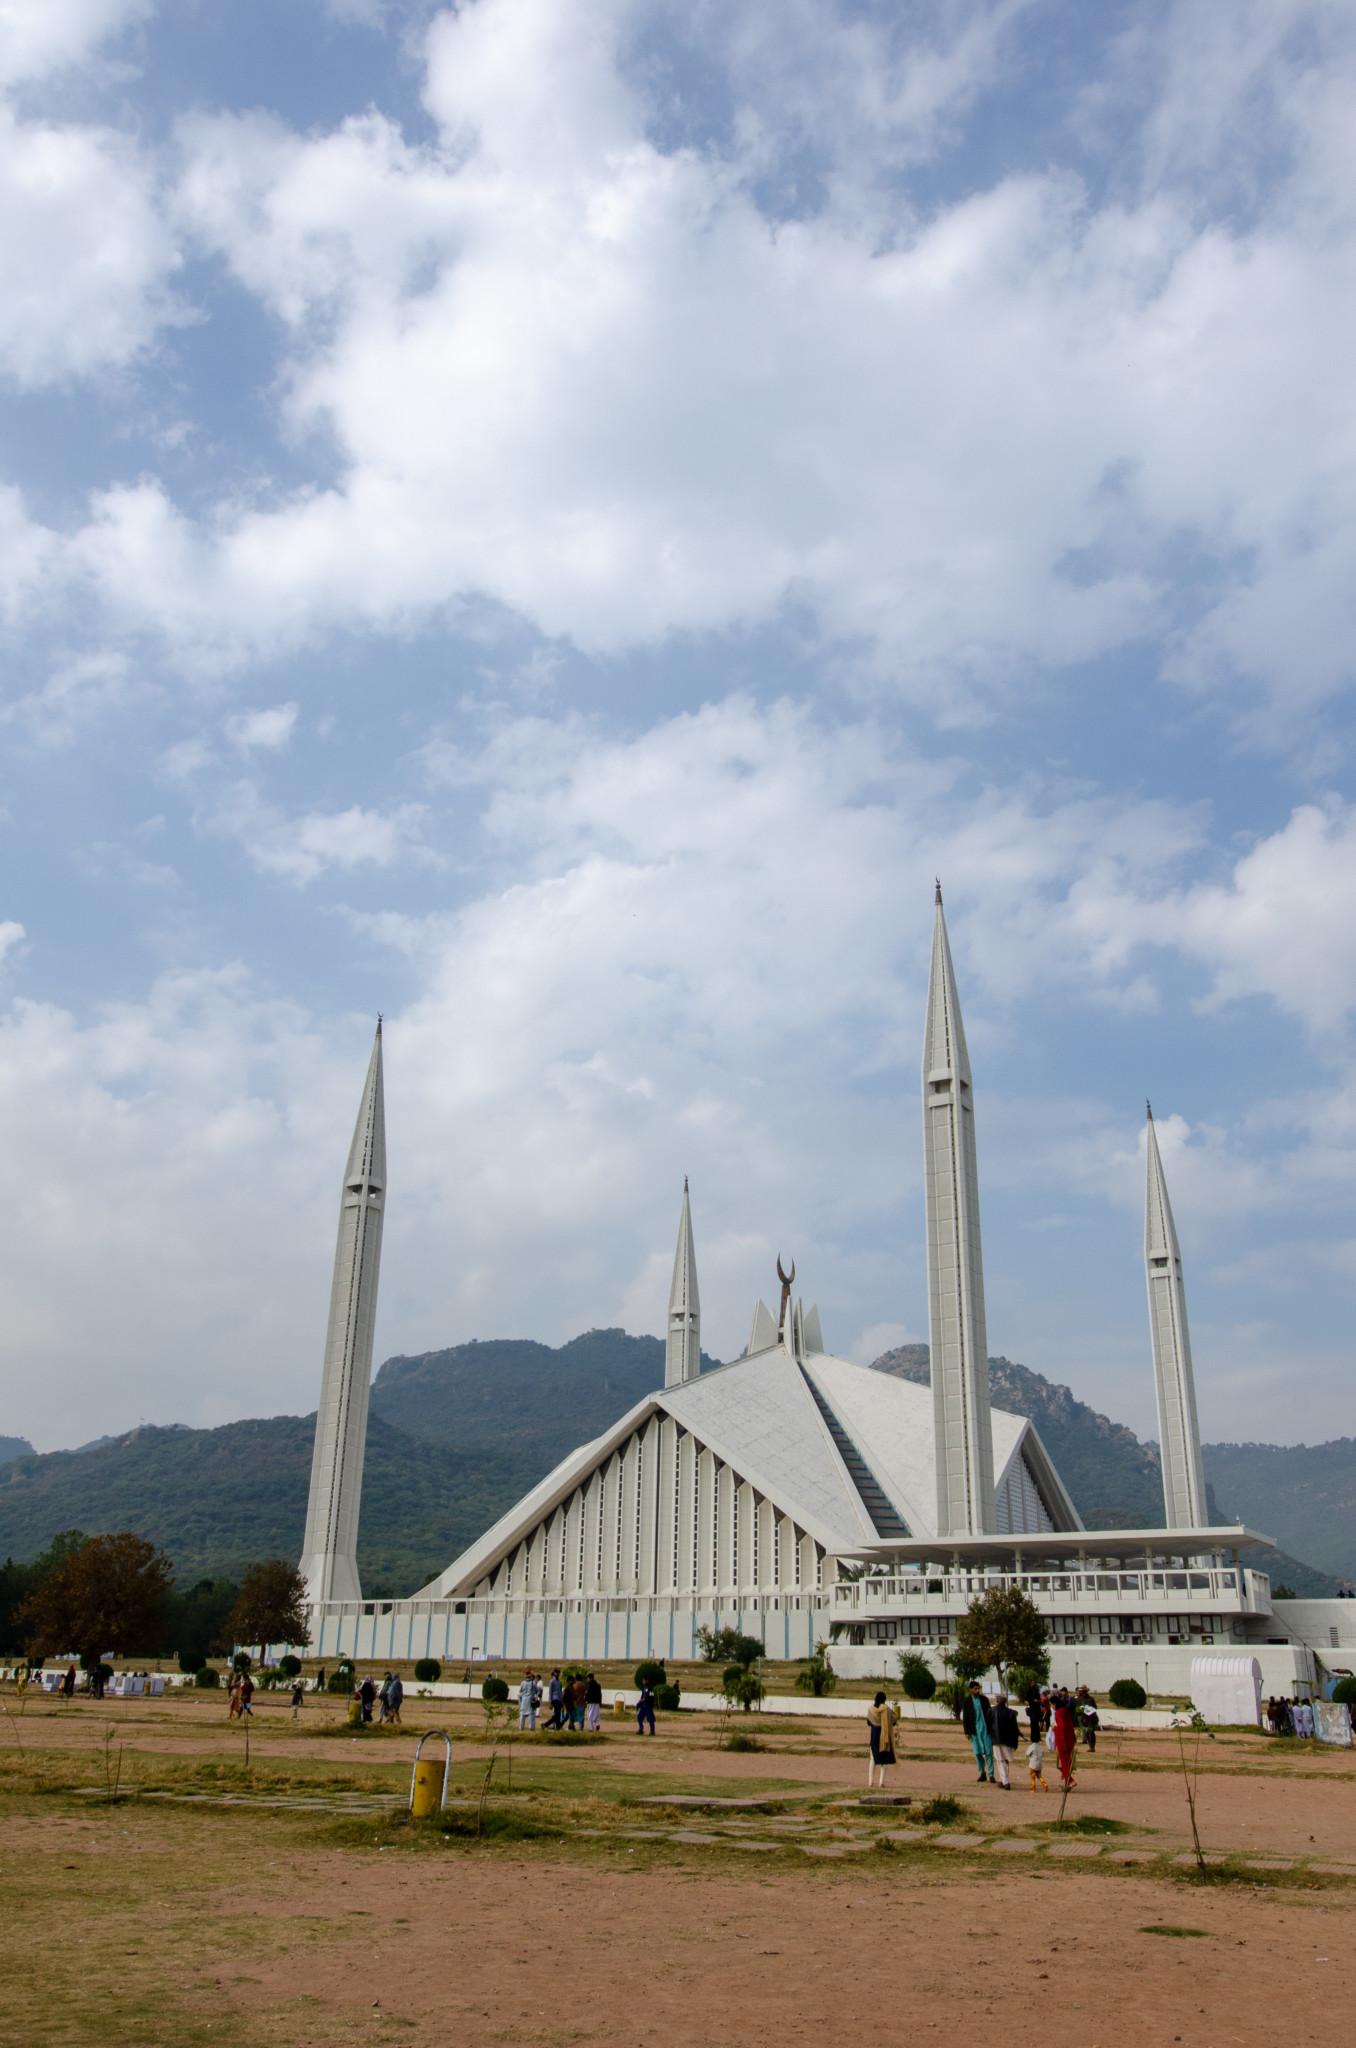 Die Pakistan Rundreise startet meist in Islamabad an der Faisal Moschee